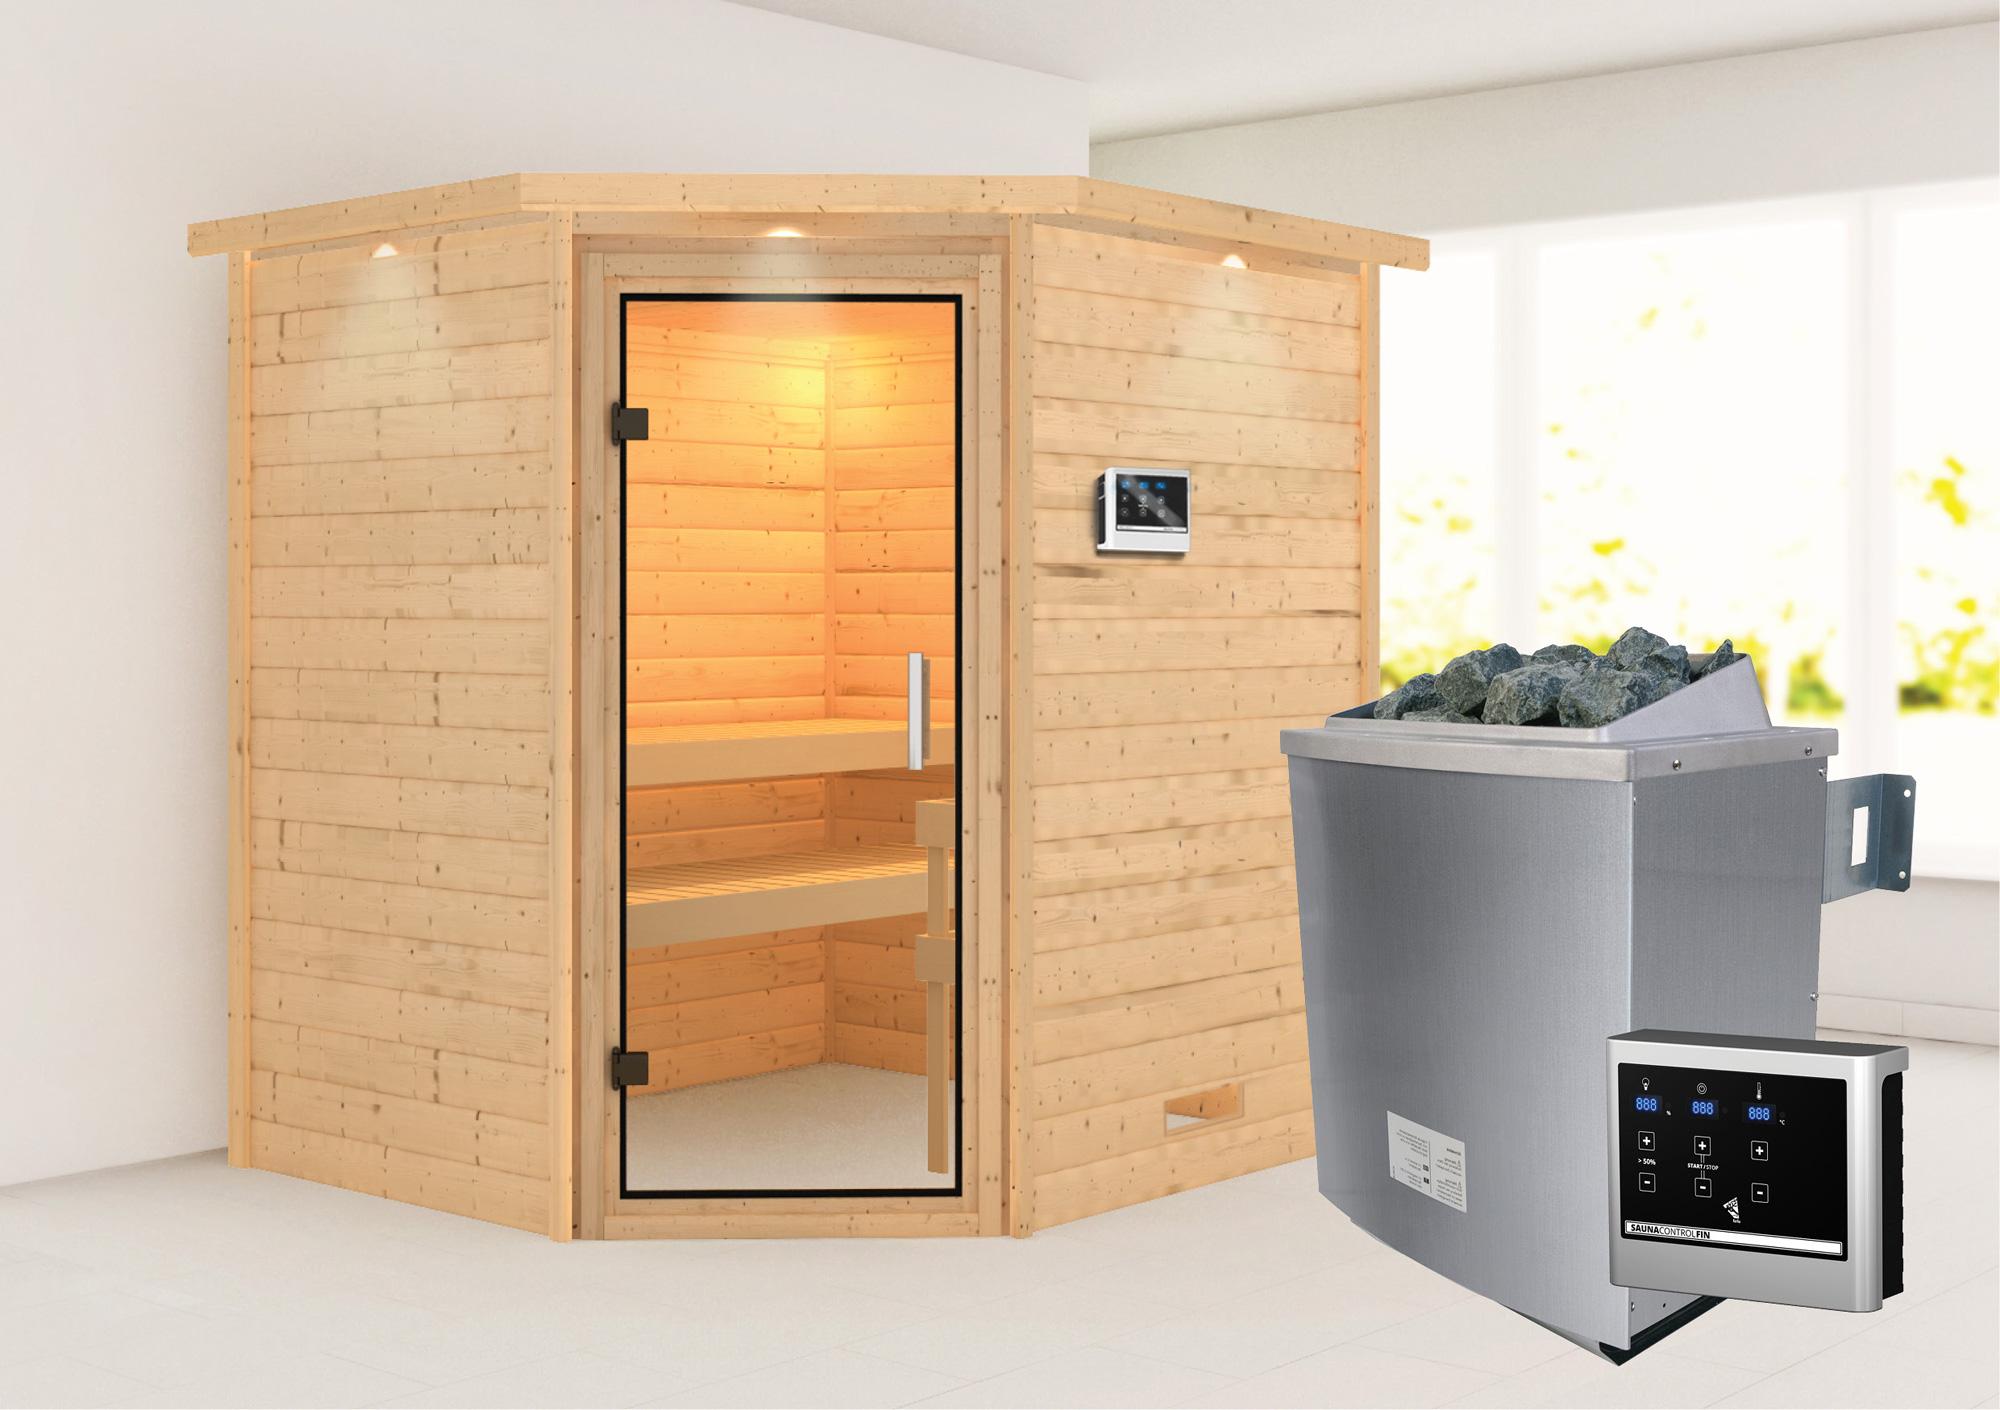 WoodFeeling Sauna Mia 38mm Saunaofen 9kW extern Kranz Klarglas Tür Bild 1